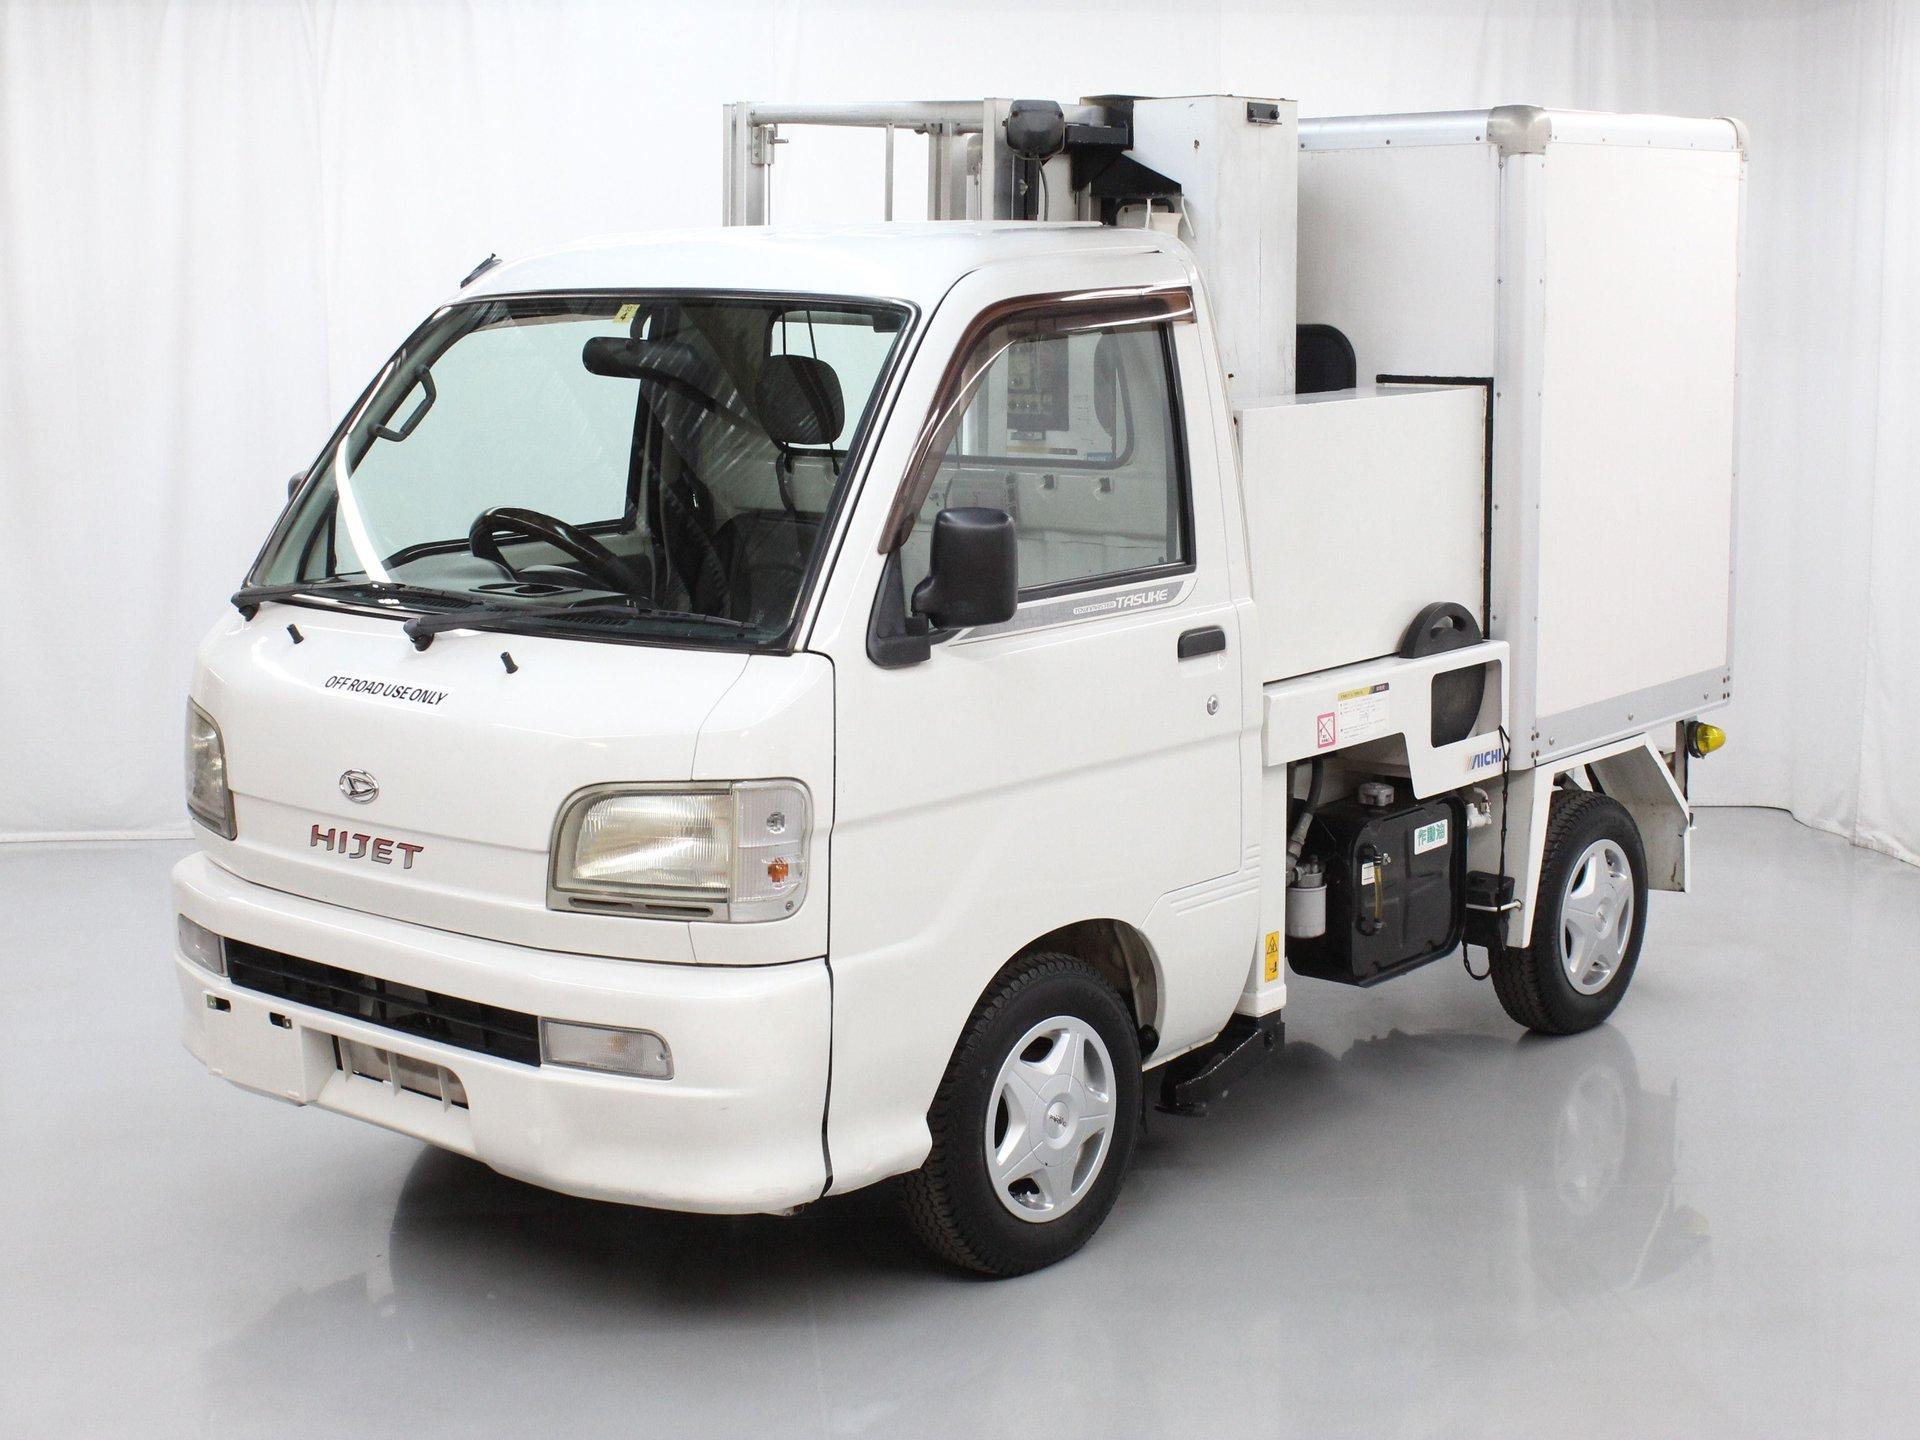 2000 Daihatsu HiJet